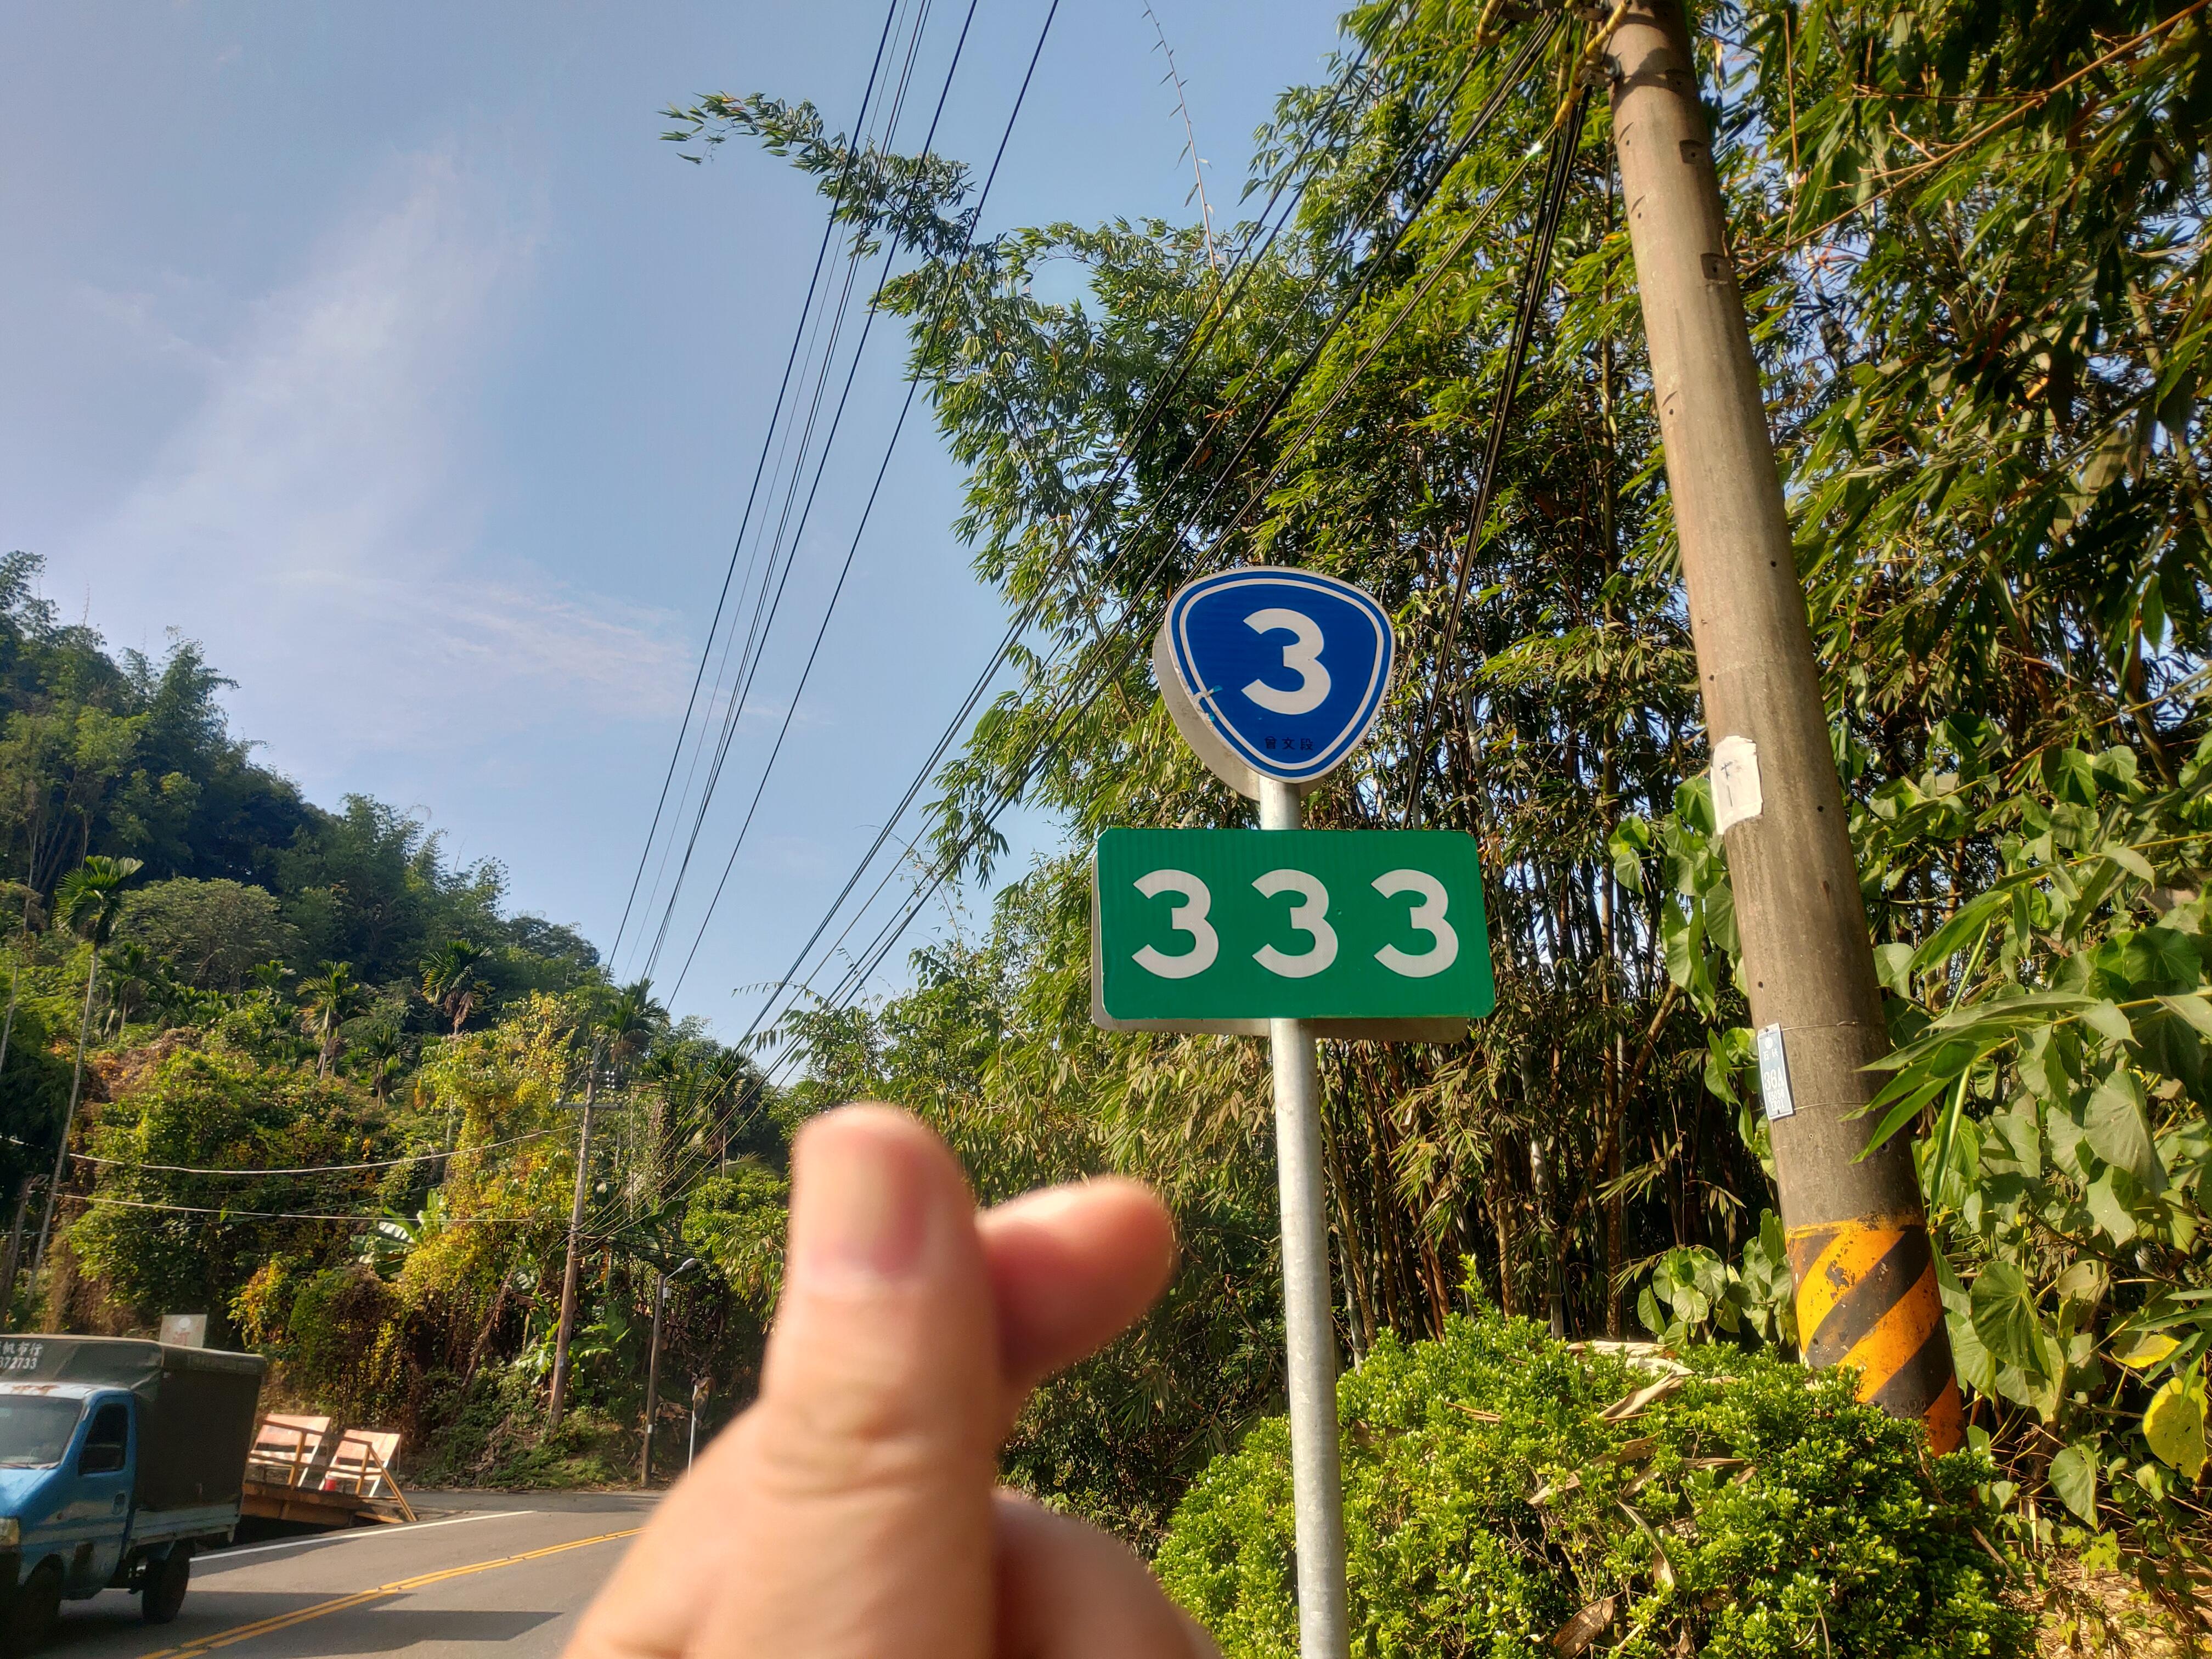 5th 走!去騎摩托車吧!六天五夜山海奇行環島之旅5971